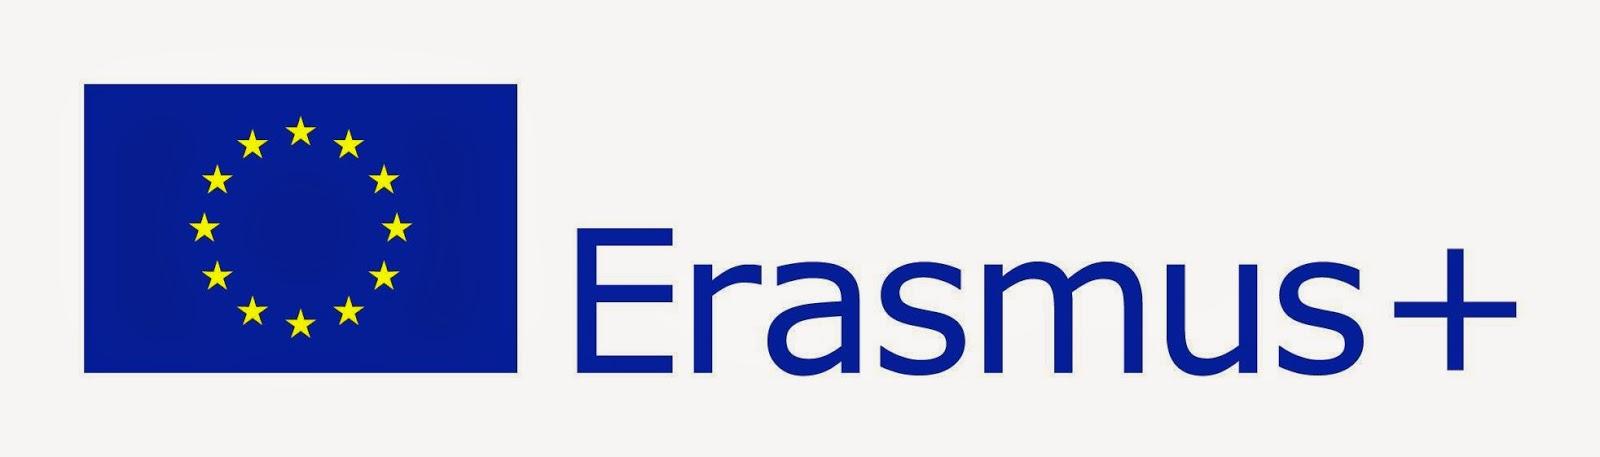 Bolsas Erasmus+ para Estágio em Representações Diplomáticas